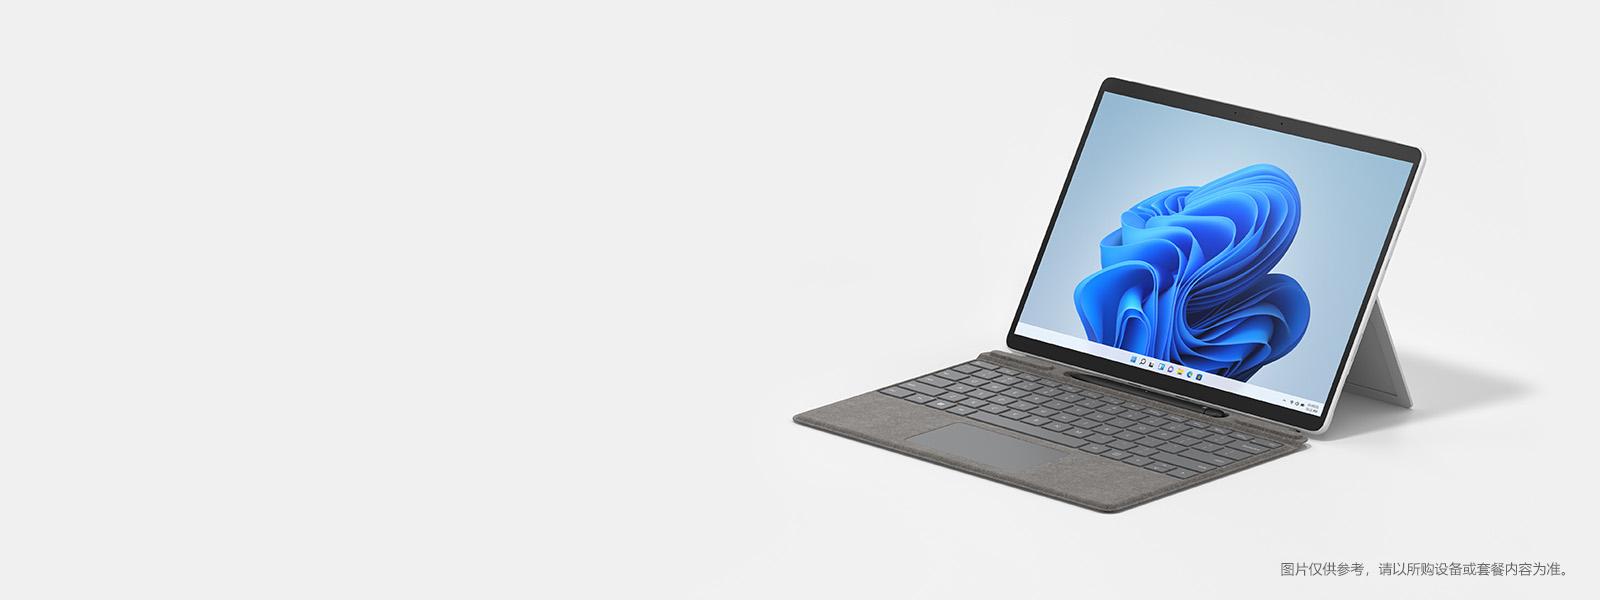 全新 Surface Pro 8